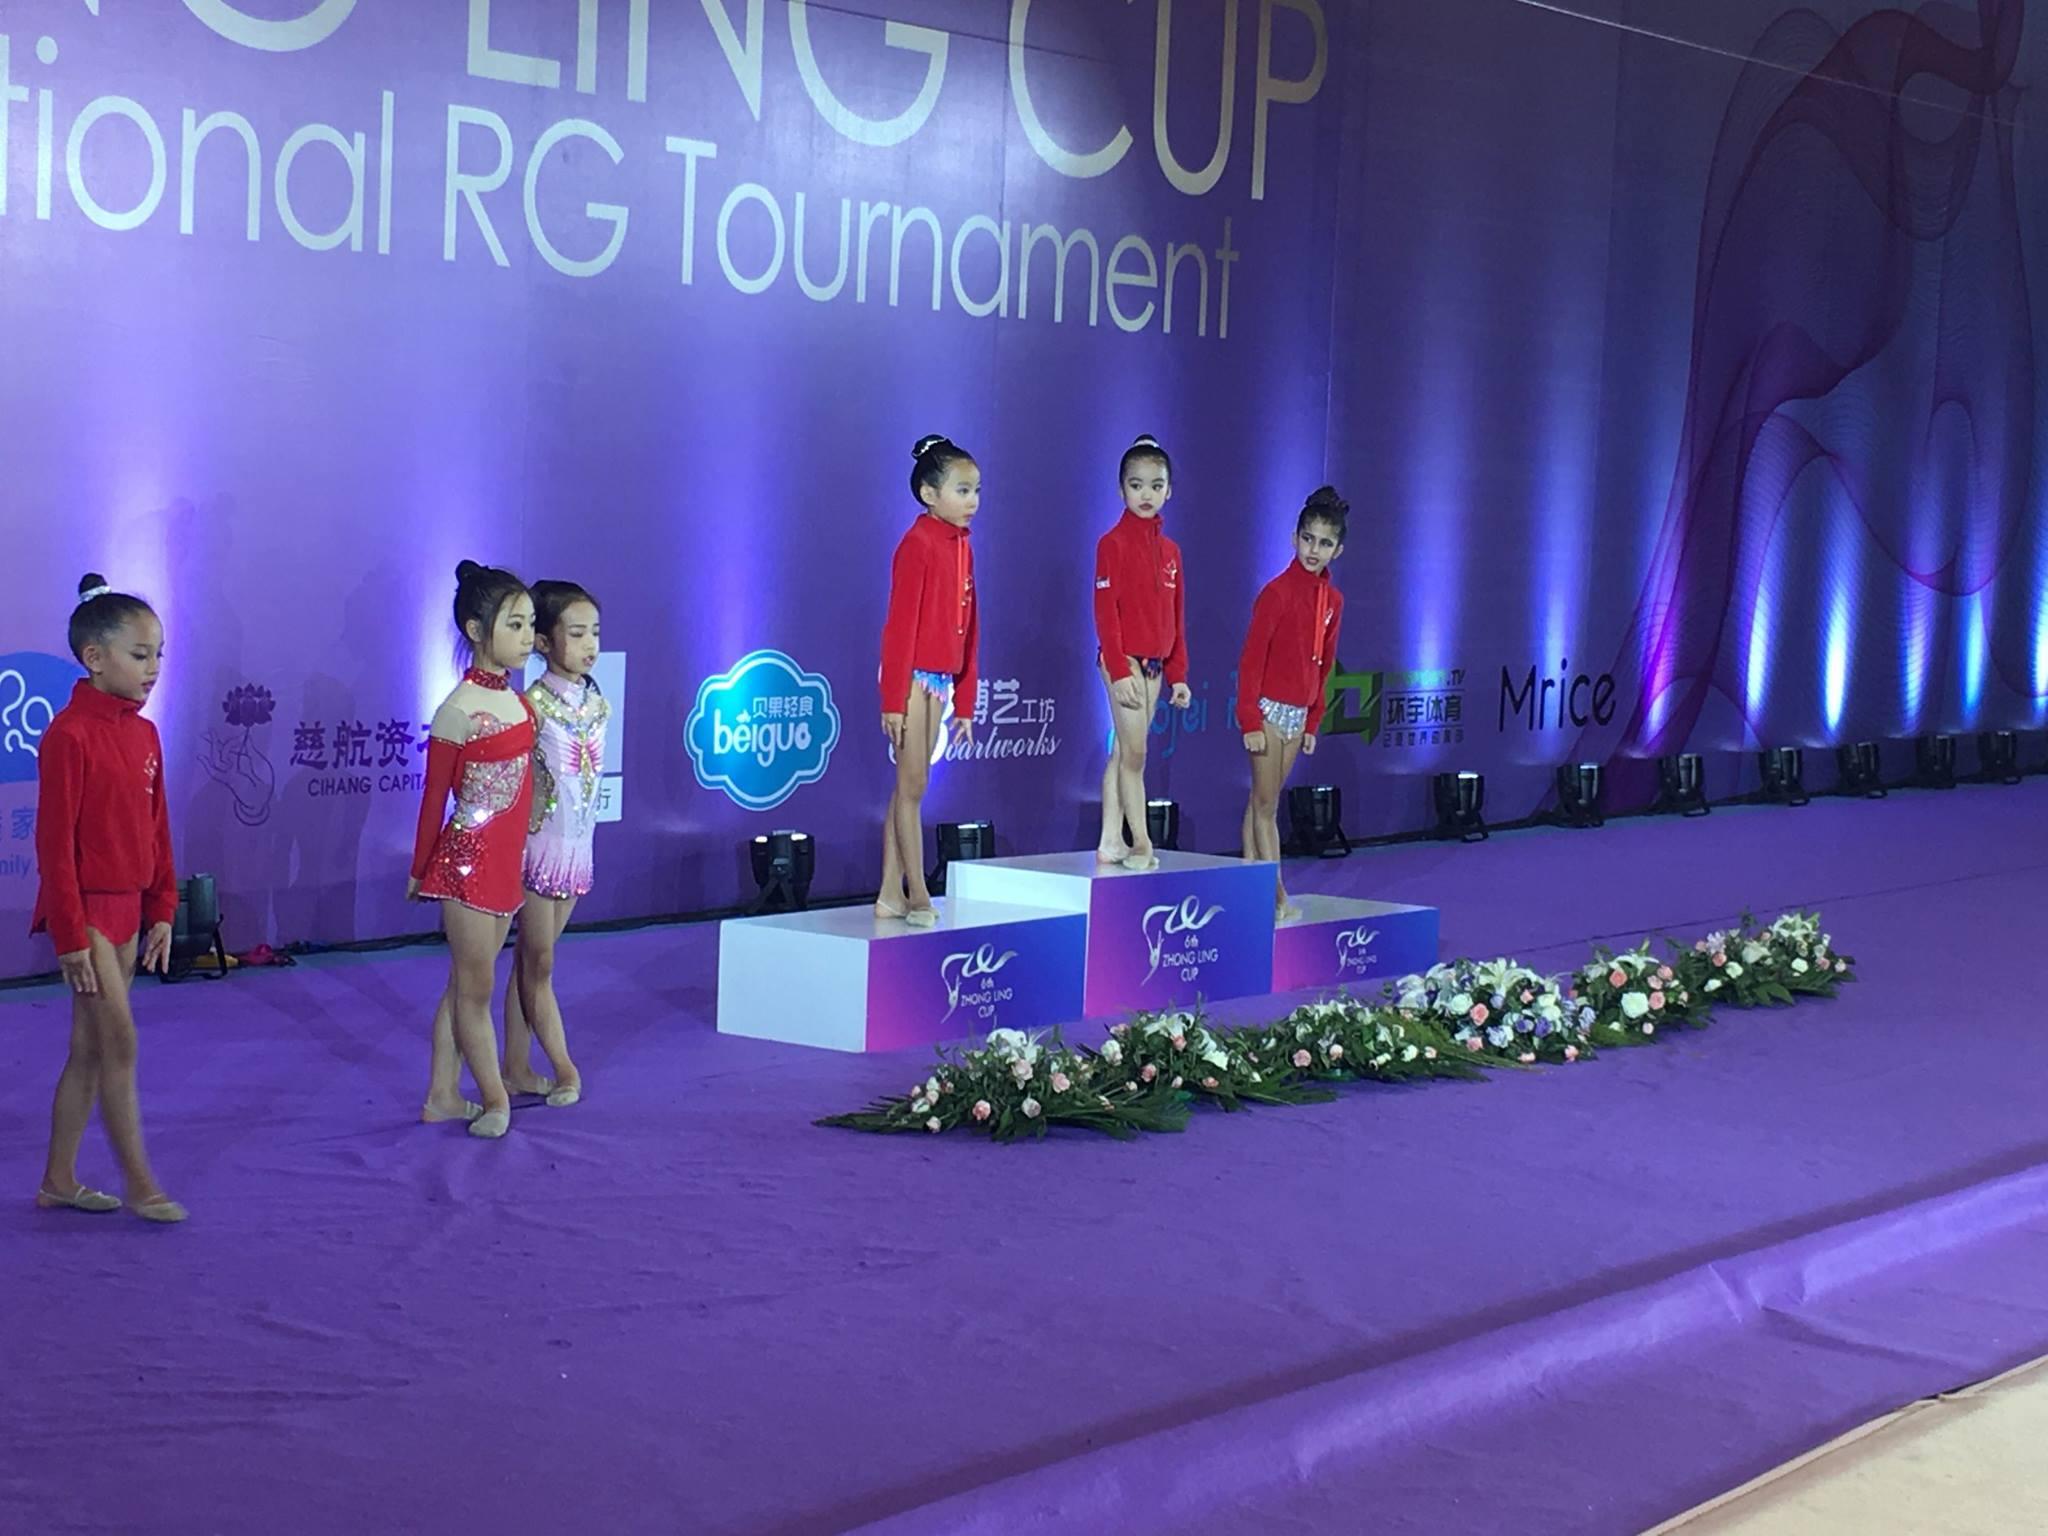 6th Zhong Ling Cup 2017 26